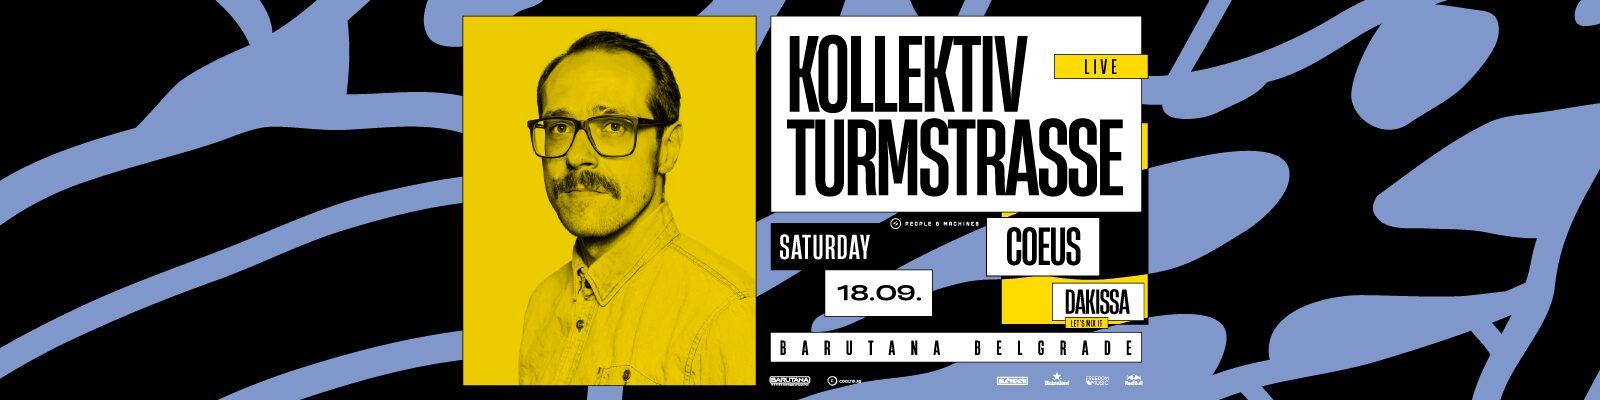 Lajv izvođenje Kollektiva Turmstrasse iz Nemačke, večeras u Barutani!